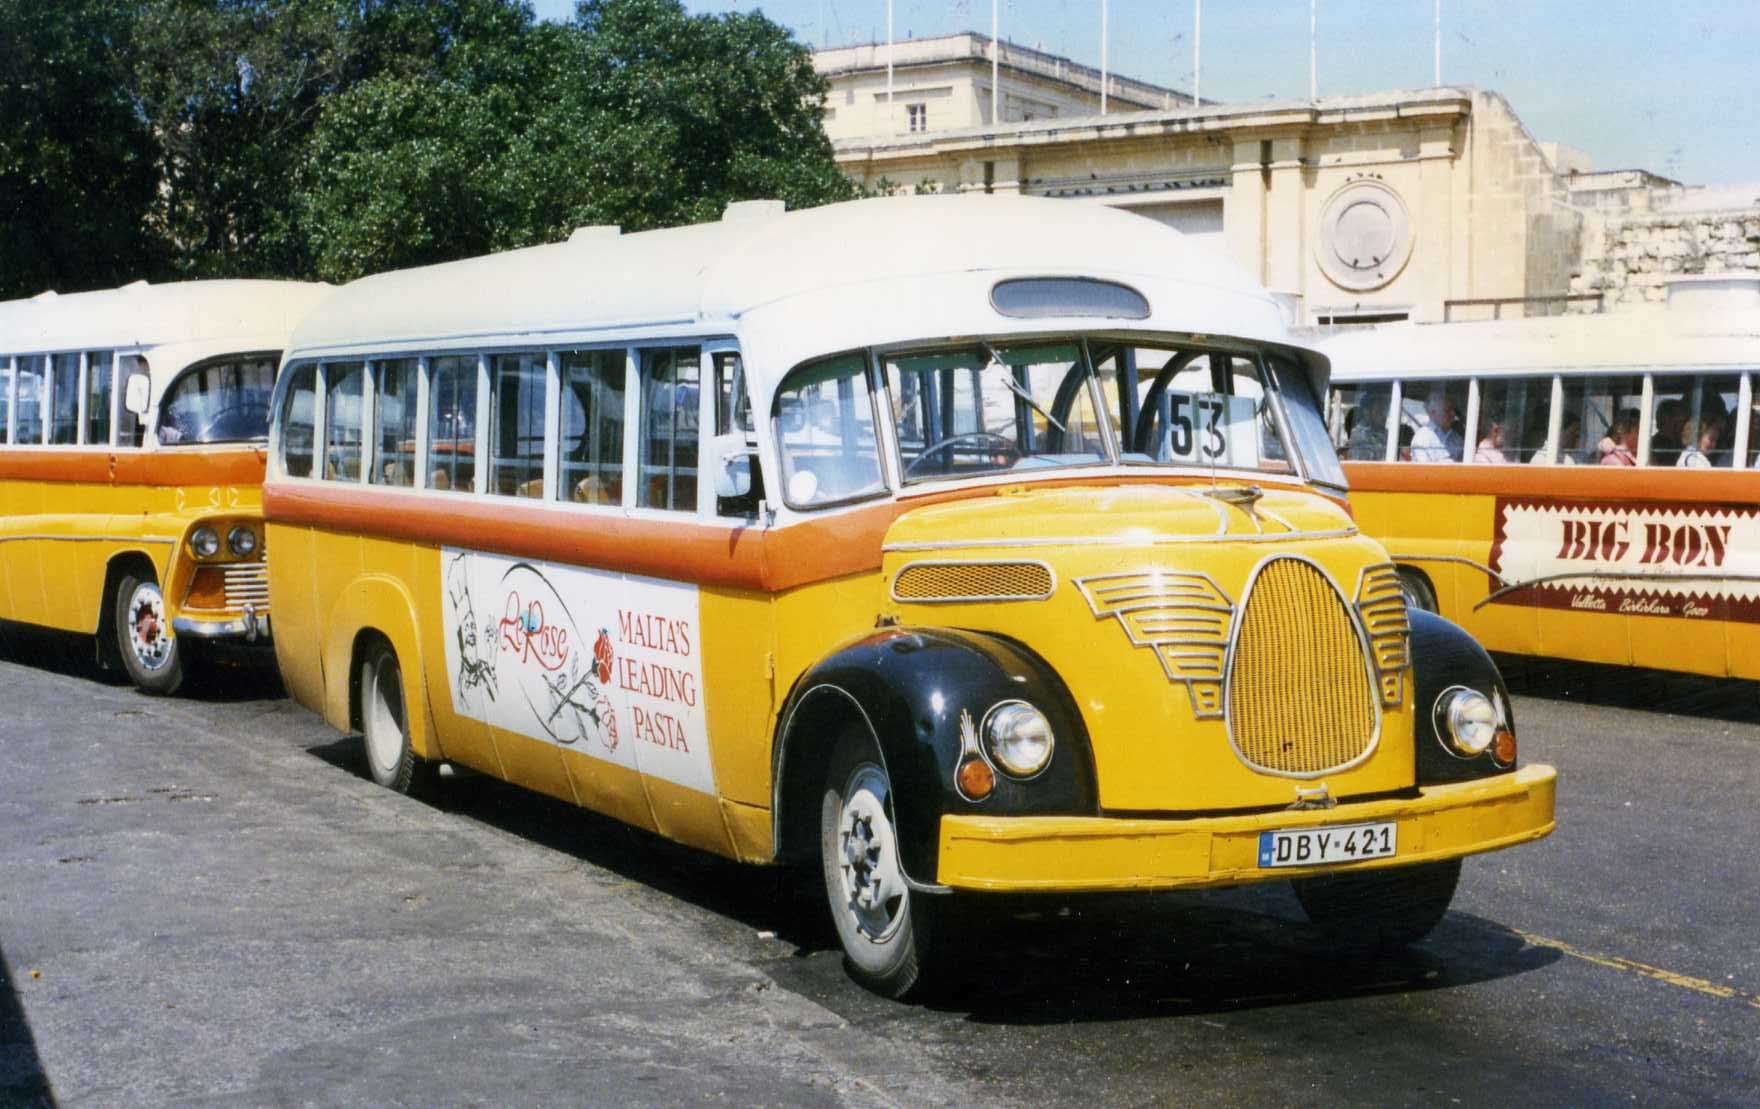 File Dby 421 The Magirus Deutz O3500 Debono Bus Ex No